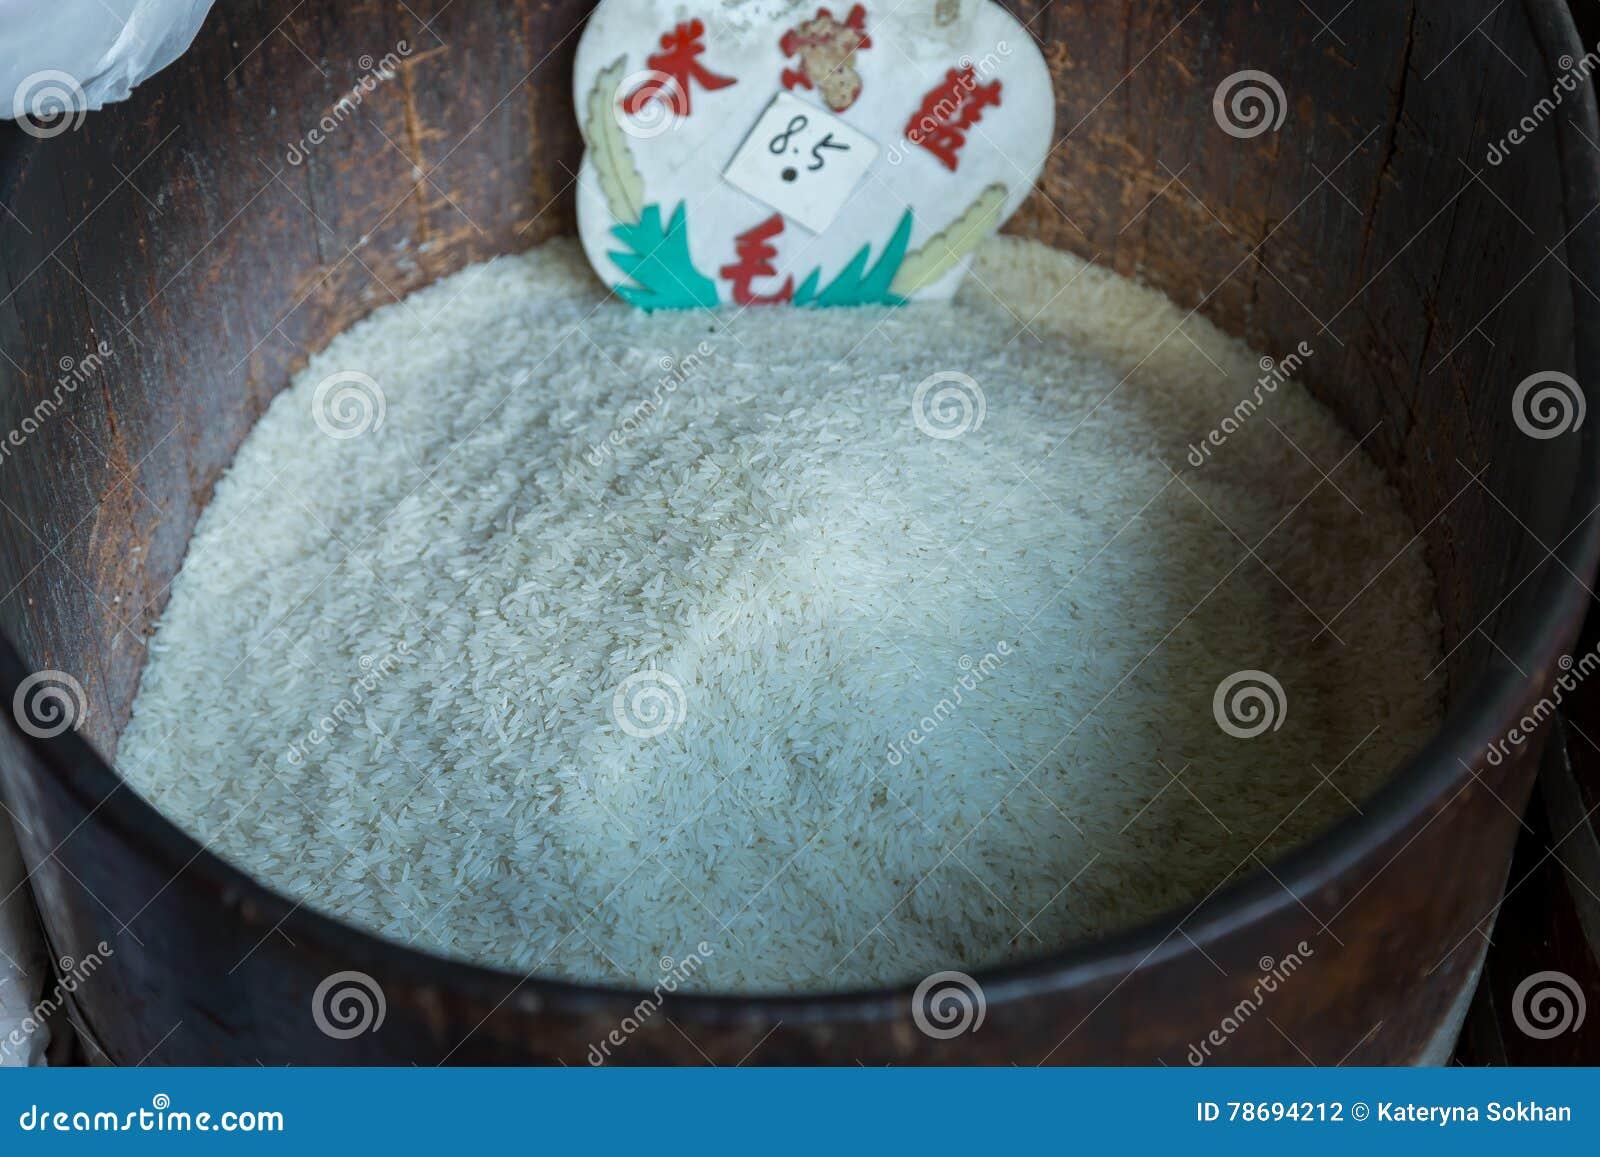 Reis für großes Eisen rast auf dem Markt